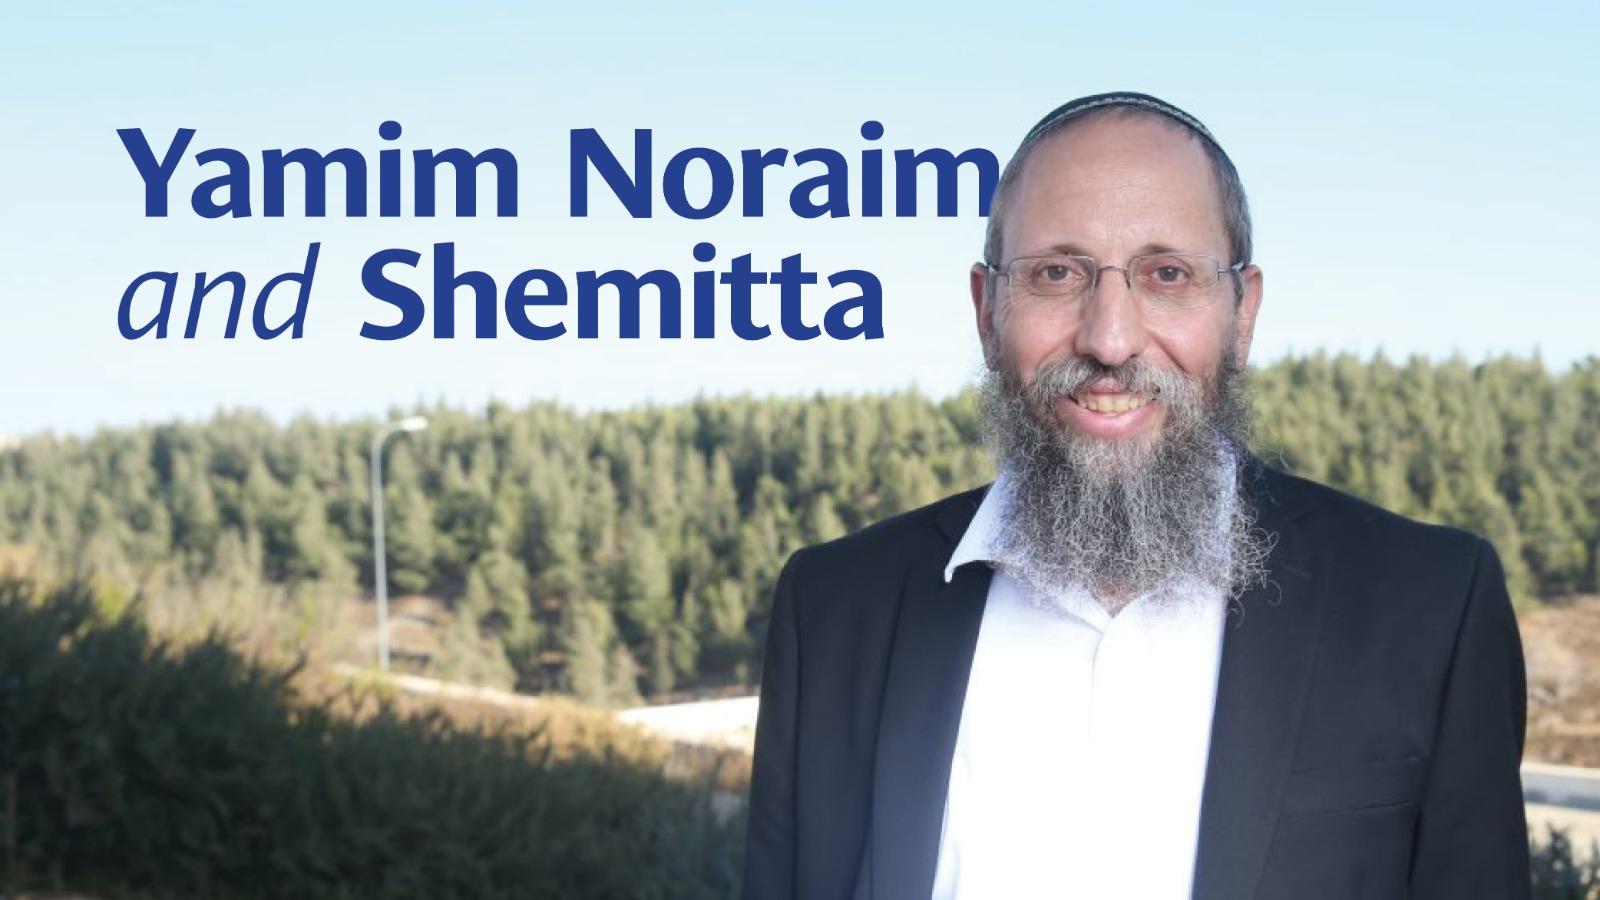 Yamim Noraim and Shemitta